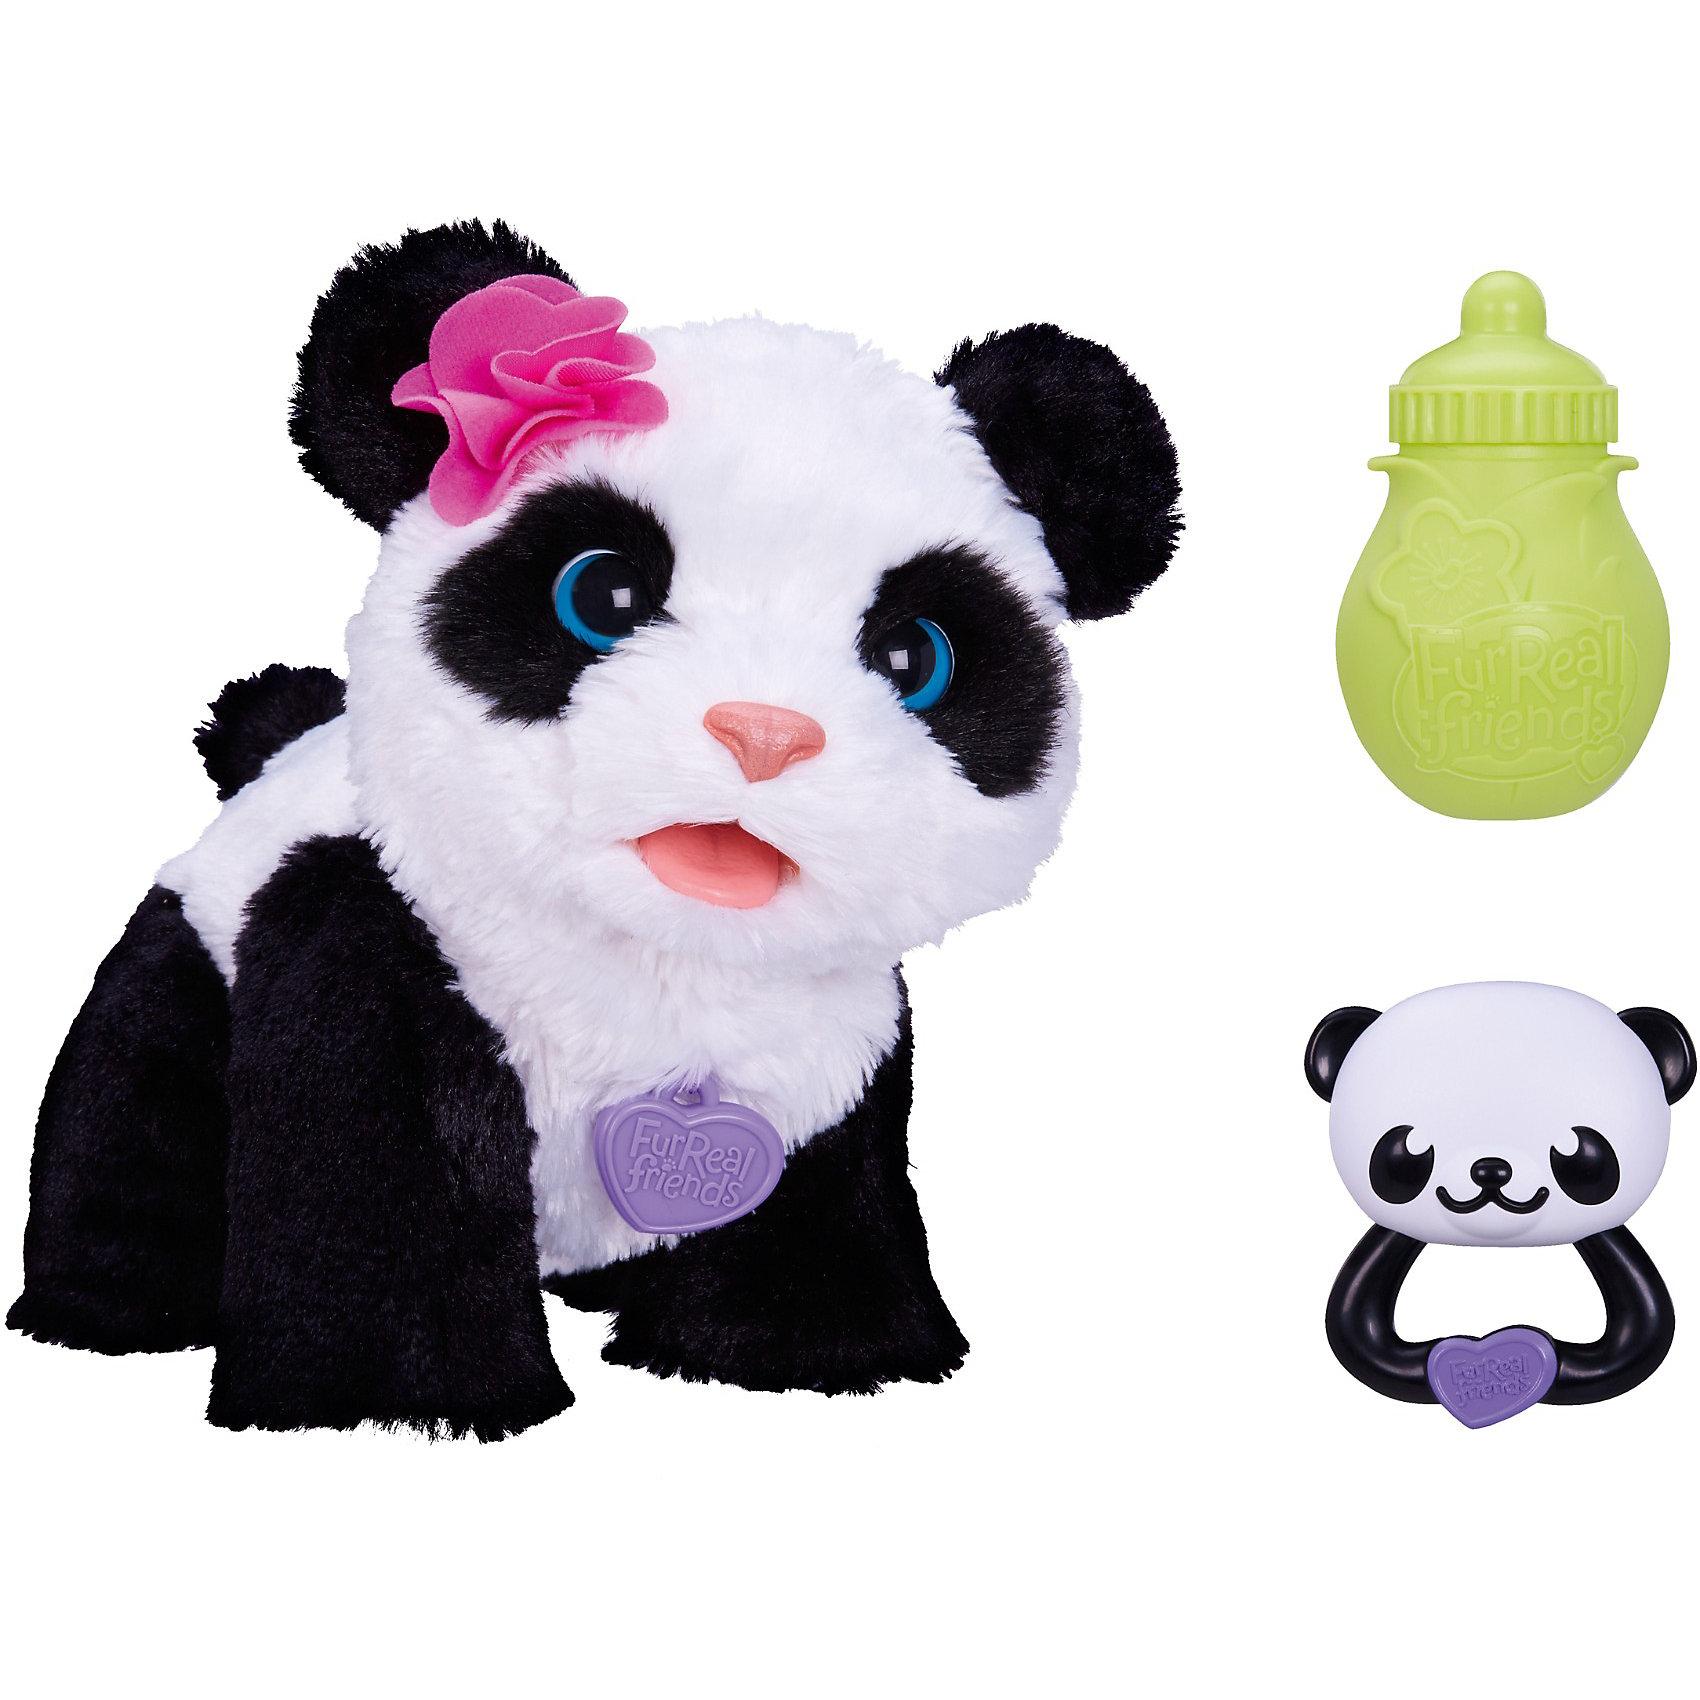 Интерактивная игрушка Малыш Панда, FurRealИнтерактивная игрушка Малыш Панда, FurReal от Hasbro станет замечательным подарком Вашему ребенку. Он получит настоящего друга и питомца, игрушка выглядит очень реалистично и похожа на маленького живого медвежонка панду. Милый медвежонок с мягкой шерсткой реагирует на заботу и внимание, нуждается в играх и кормлении. Если потрясти входящей в комплект погремушкой, медвежонок направится в Вашу сторону, во время игры издает забавные звуки. В комплект также входит бутылочка для кормления<br>питомца и погремушка для него. Игрушка развивает у ребенка заботу и ответственность, фантазию и воображение.<br><br>Дополнительная информация:<br><br>- Игрушка издает звуки и реагирует на голос<br>- В комплекте: медвежонок панда, бутылочка, погремушка, инструкция.<br>- Материал: пластик, текстиль.<br>- Требуются батарейки: 4 х AA (демонстрационные батарейки входят в комплект).<br>- Размер упаковки: 19,1 x 33 x 30,5 см.<br><br>Интерактивную игрушку Малыш Панда, FurReal можно купить в нашем интернет-магазине.<br><br>Ширина мм: 336<br>Глубина мм: 307<br>Высота мм: 193<br>Вес г: 1115<br>Возраст от месяцев: 48<br>Возраст до месяцев: 84<br>Пол: Женский<br>Возраст: Детский<br>SKU: 3555724